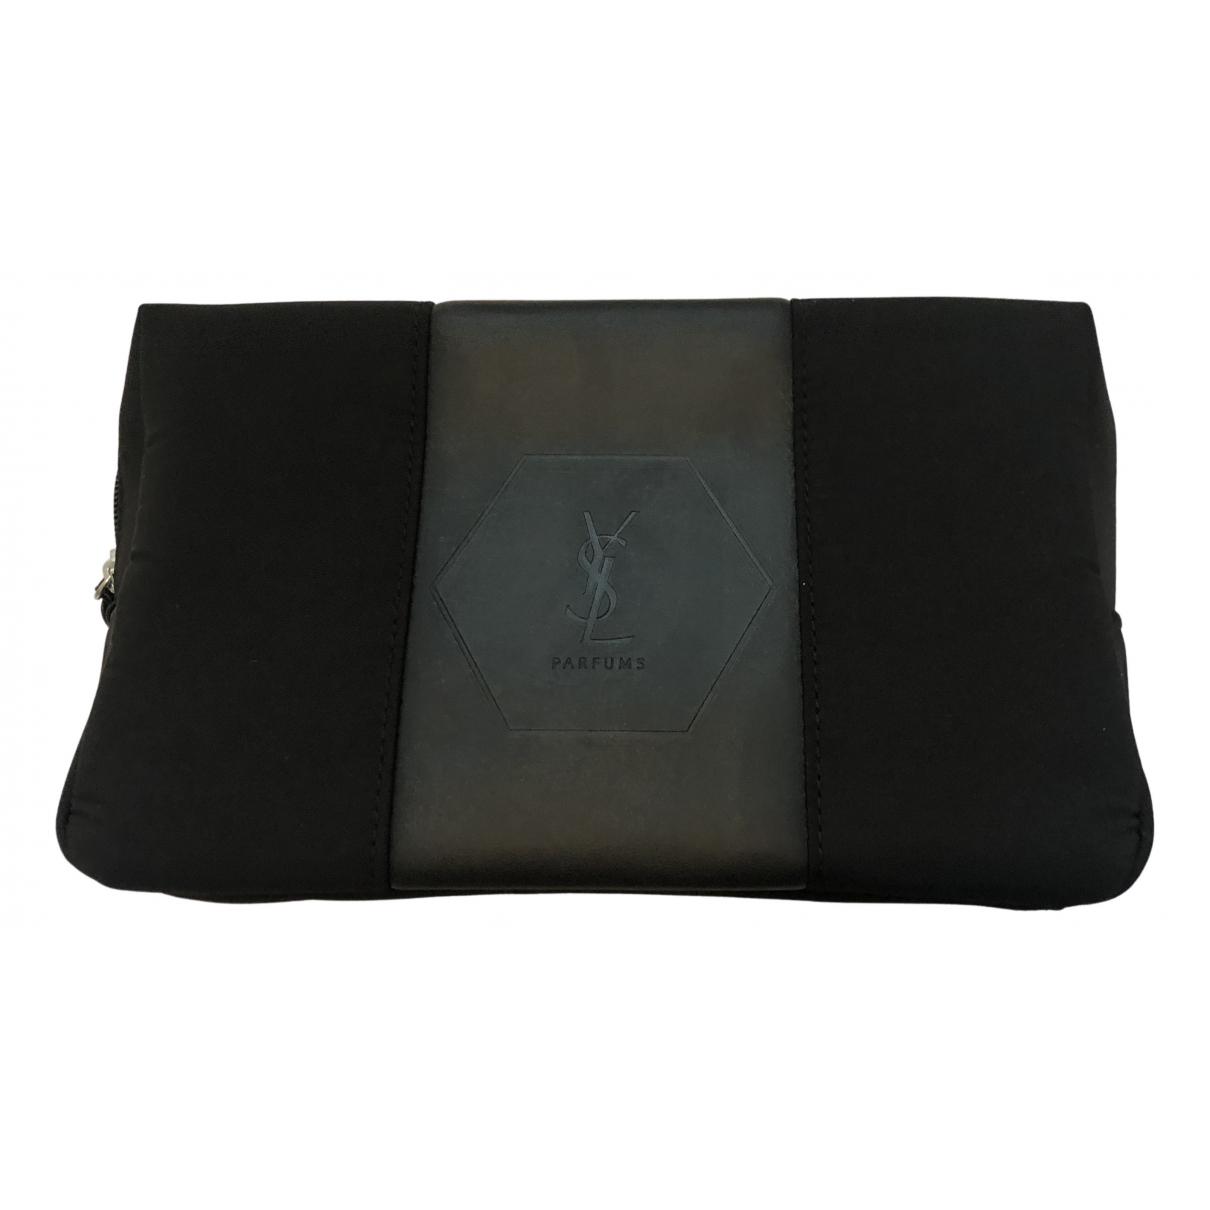 Yves Saint Laurent - Petite maroquinerie   pour homme en toile - noir